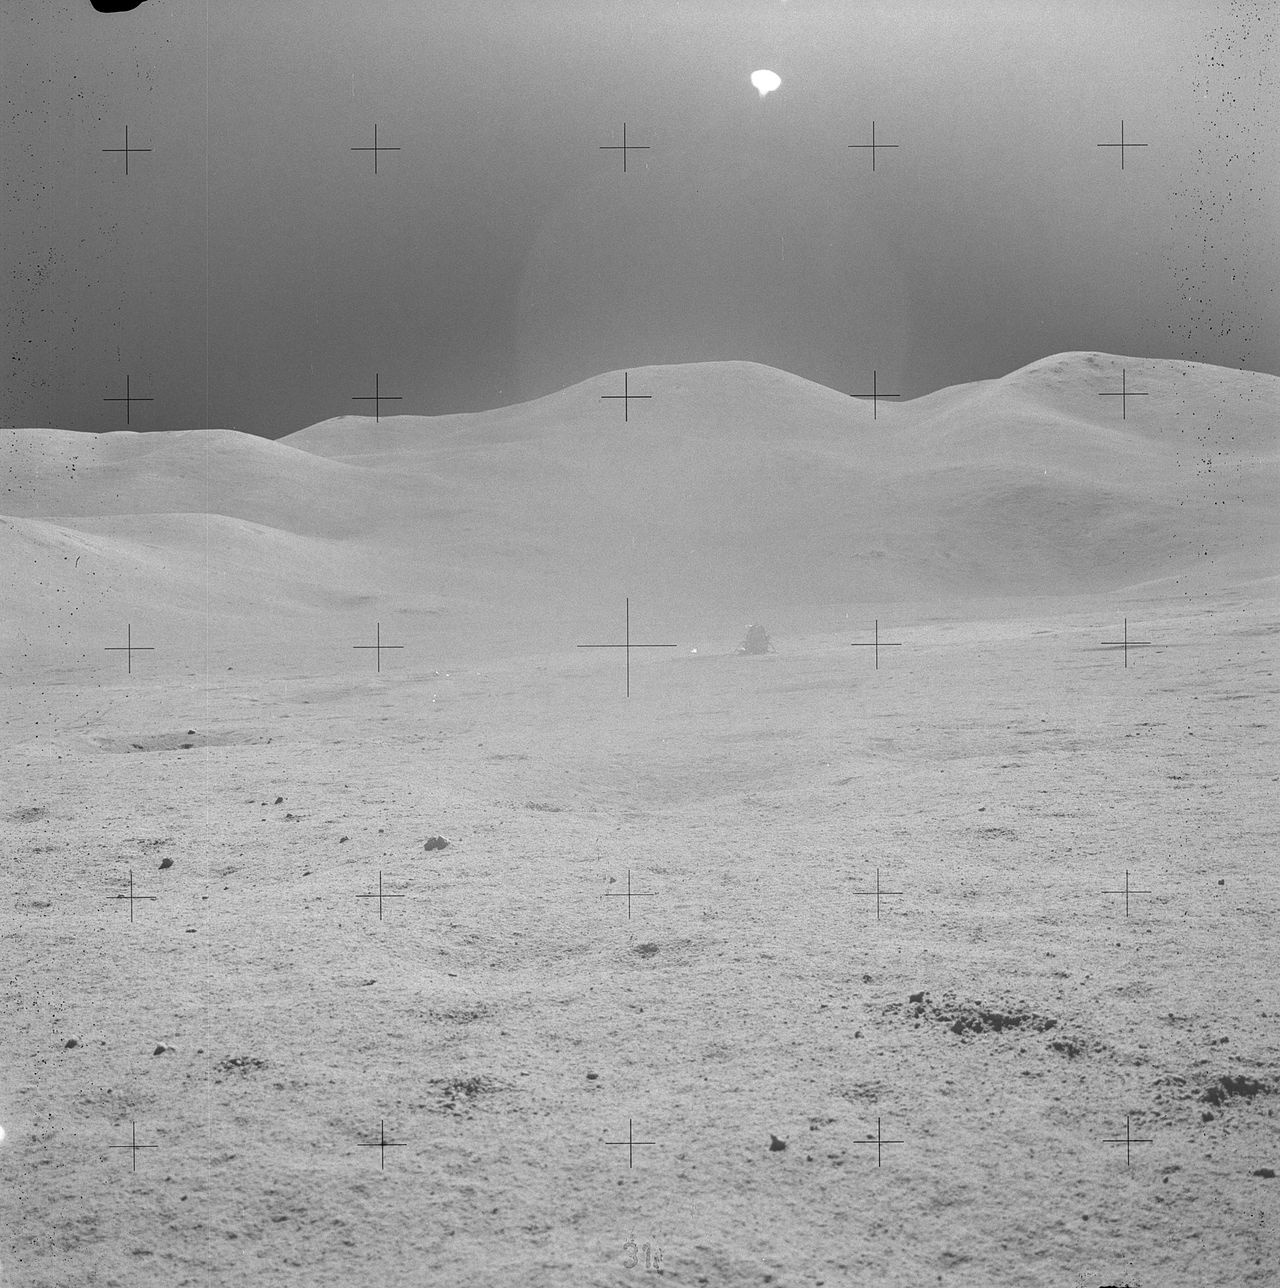 Apollo_15_Falcon_in_the_distance_3.jpg